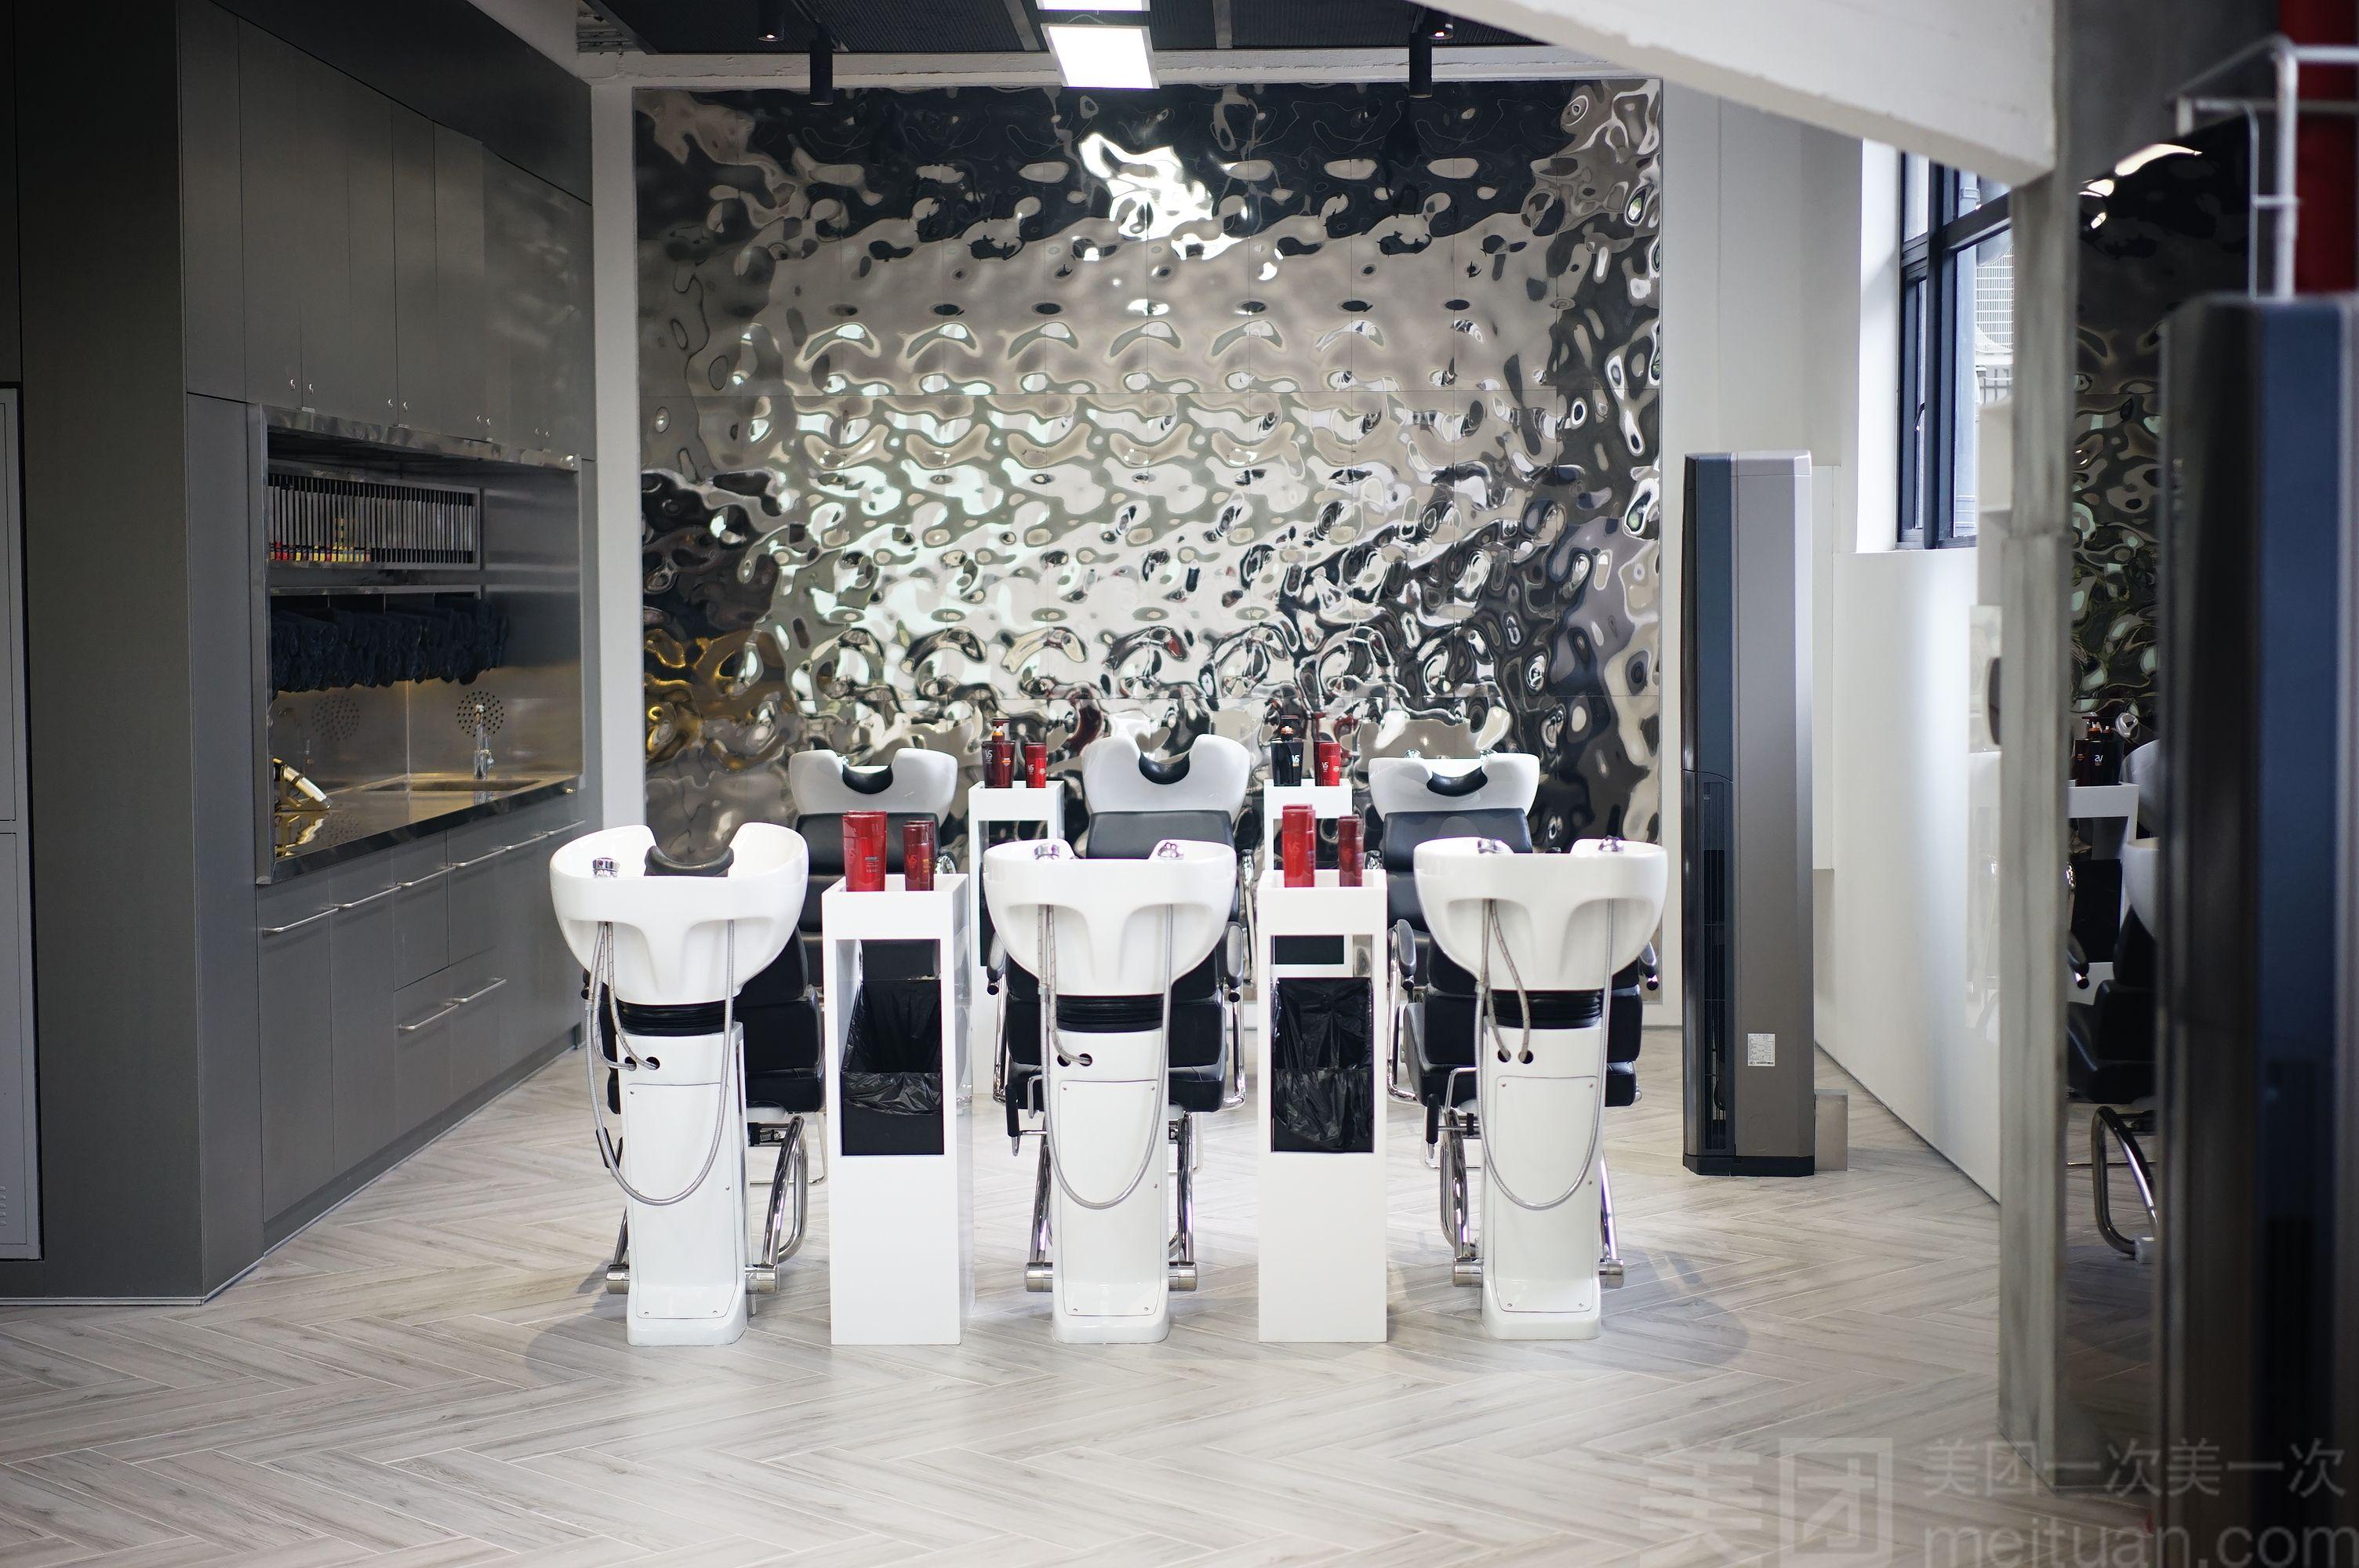 沙宣美发学院为广大喜爱沙宣发型的爱美人士提供学院长期免费剪发服务图片